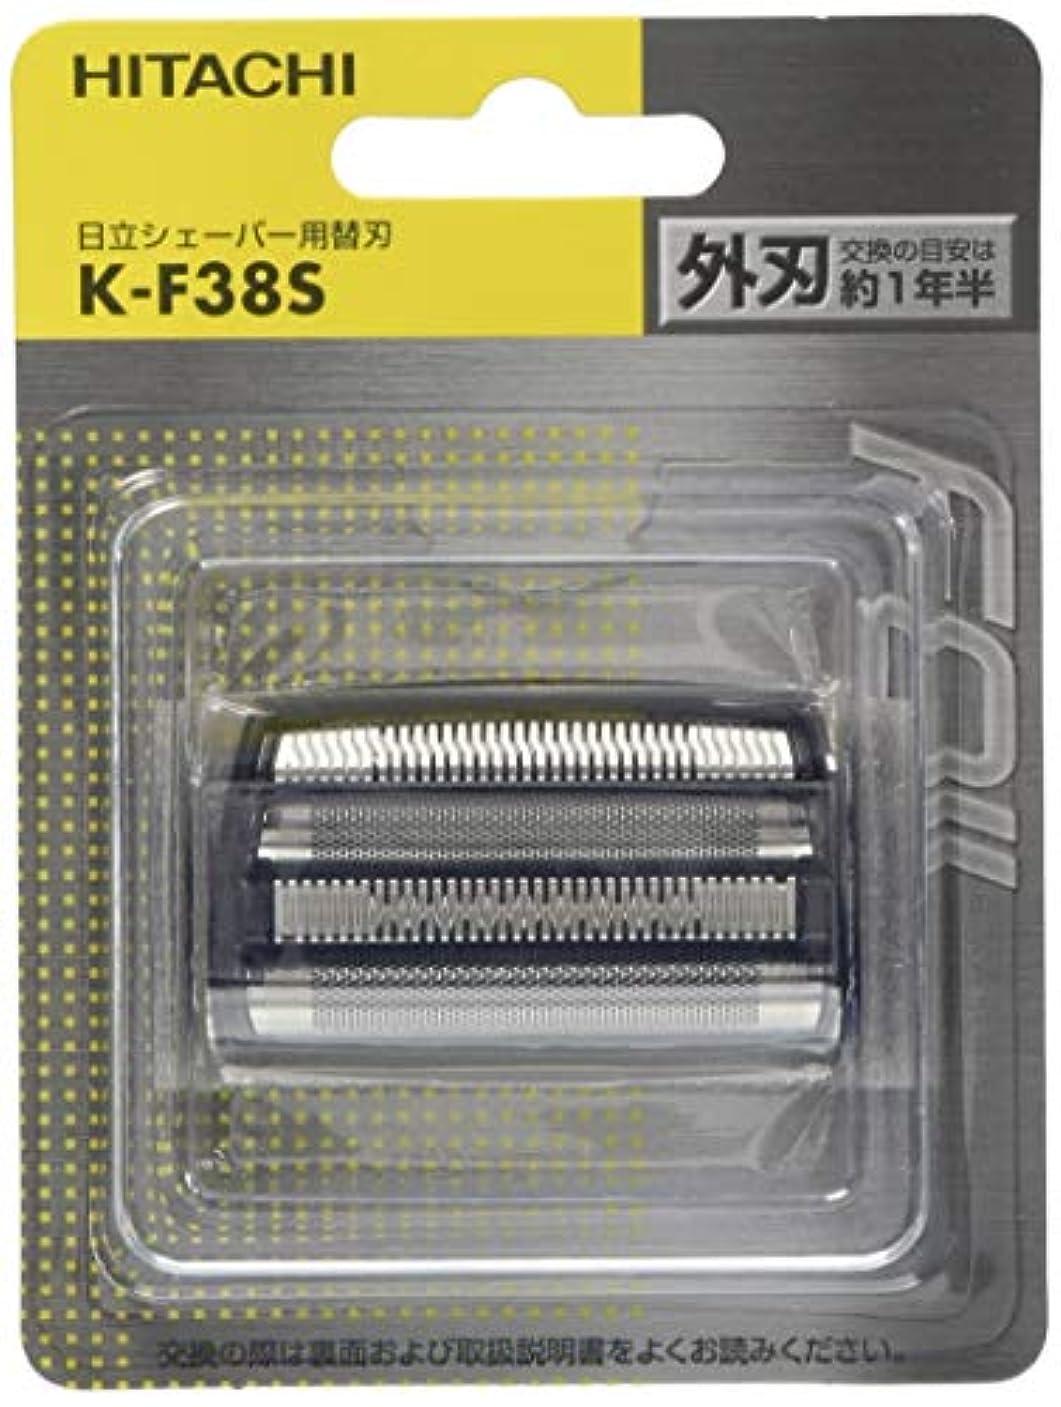 人気のカタログプロット日立 メンズシェーバー用替刃(外刃) K-F38S